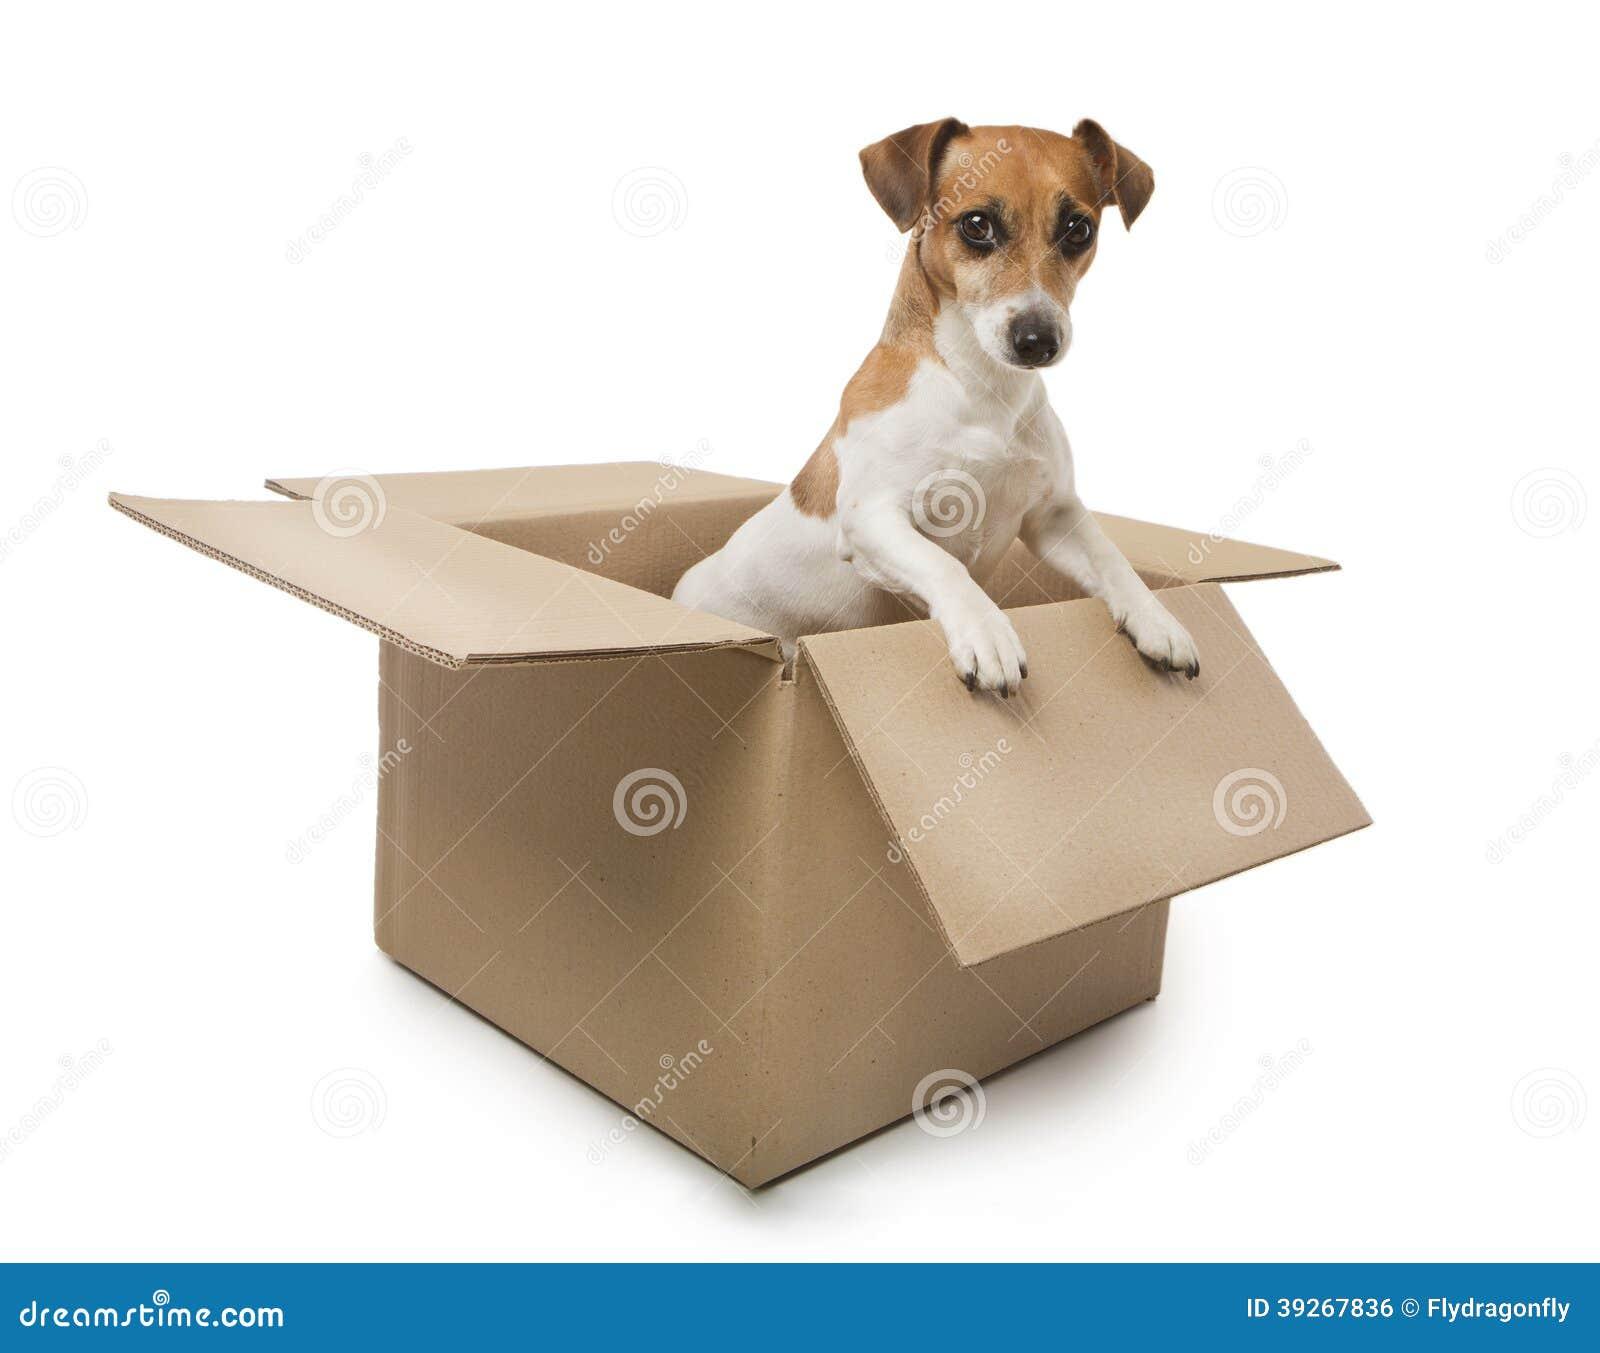 how to keep a dog inside the house